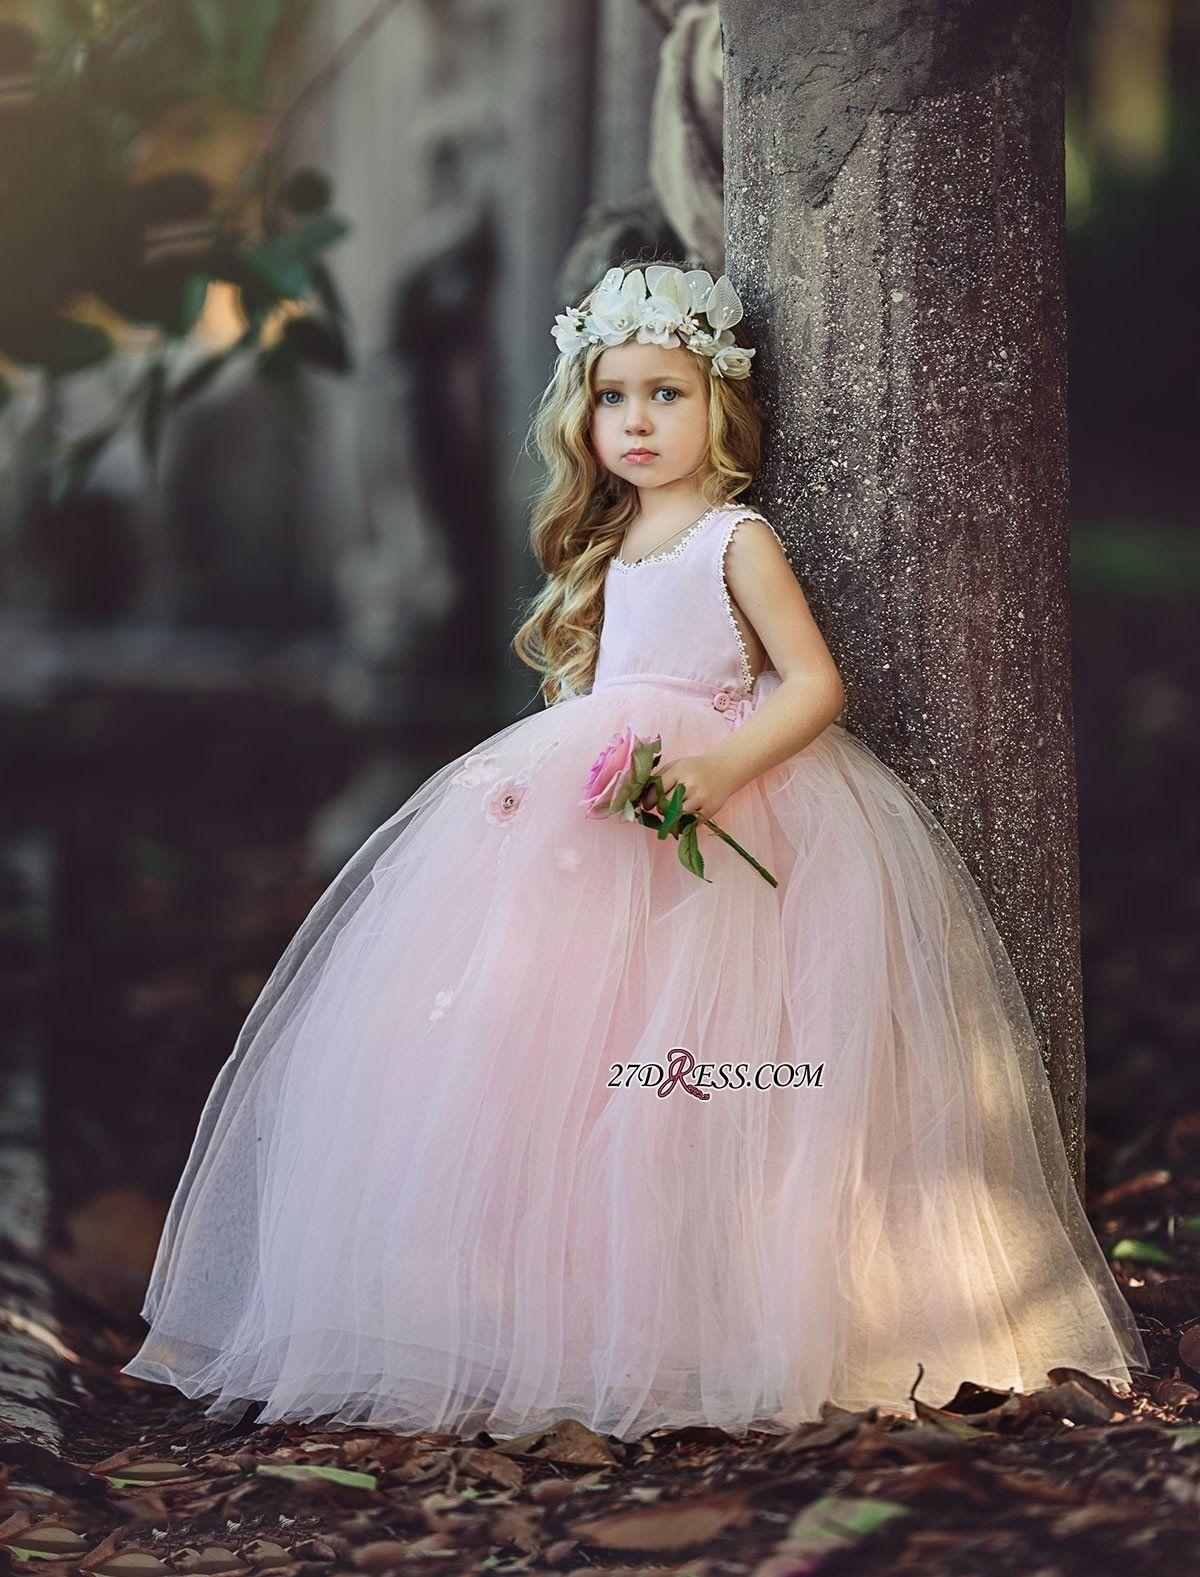 2dcd2840831e Ball-Gown Long Pink Cute Flower Girl Dresses BA6882 High Quality ...